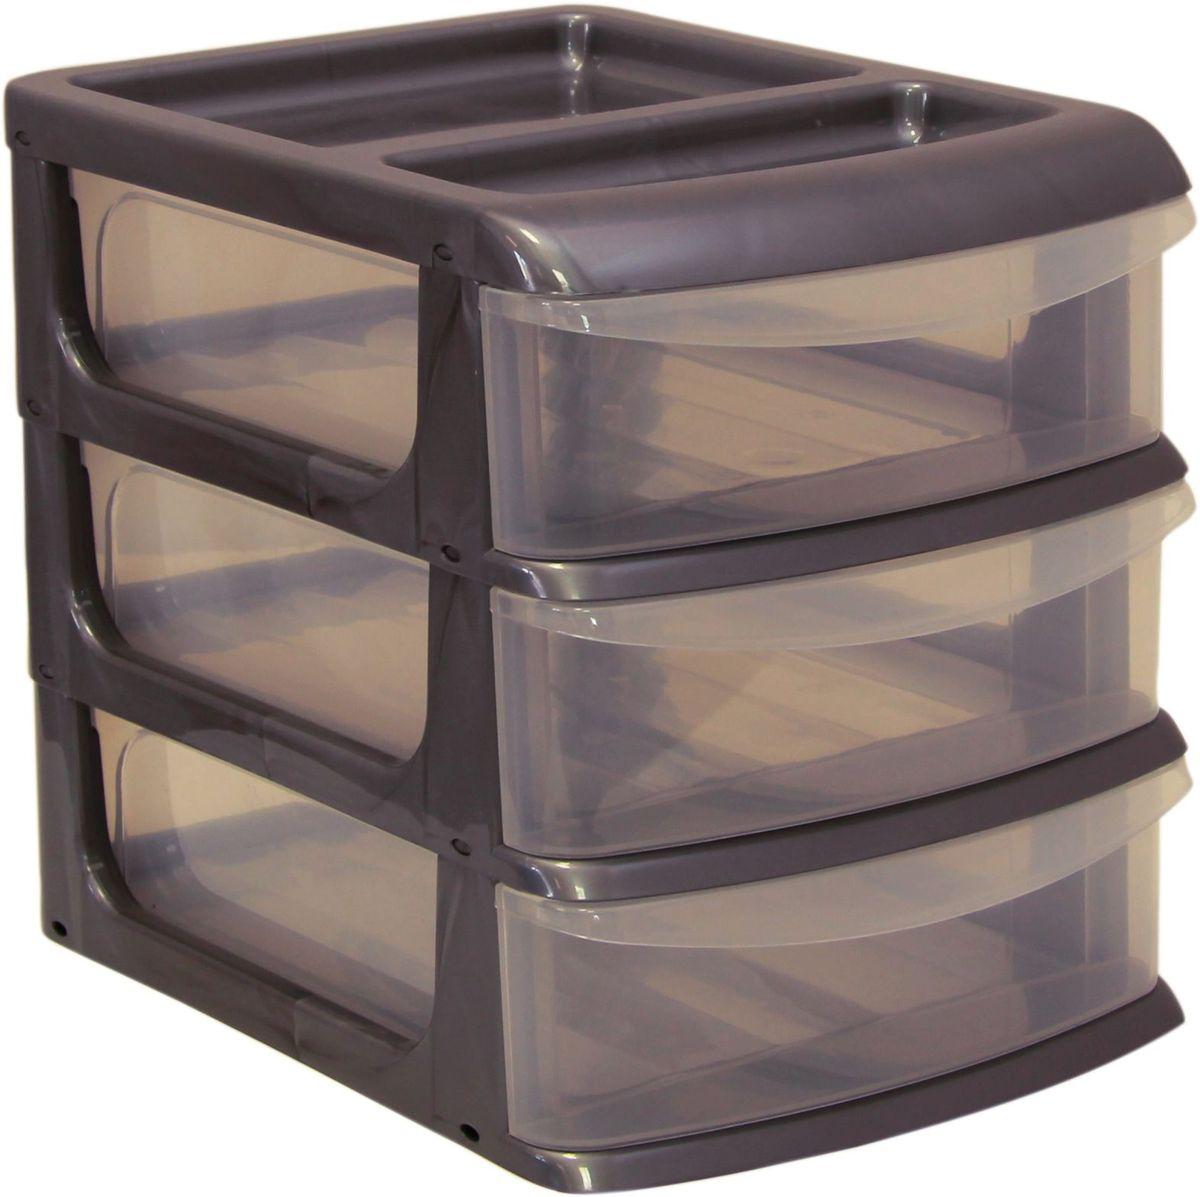 Бокс универсальный Idea, цвет: металлик, 25 х 34 х 28 см, 3 секцииS03301004Универсальный бокс Idea выполнен из высококачественного пластика и имеет три удобные выдвижные секции. Бокс предназначен для хранения предметов шитья, рукоделия, хобби и всех необходимых мелочей. Изделие позволит компактно хранить вещи, поддерживая порядок и уют в вашем доме.Размер секции: 25 х 32 х 7 см.